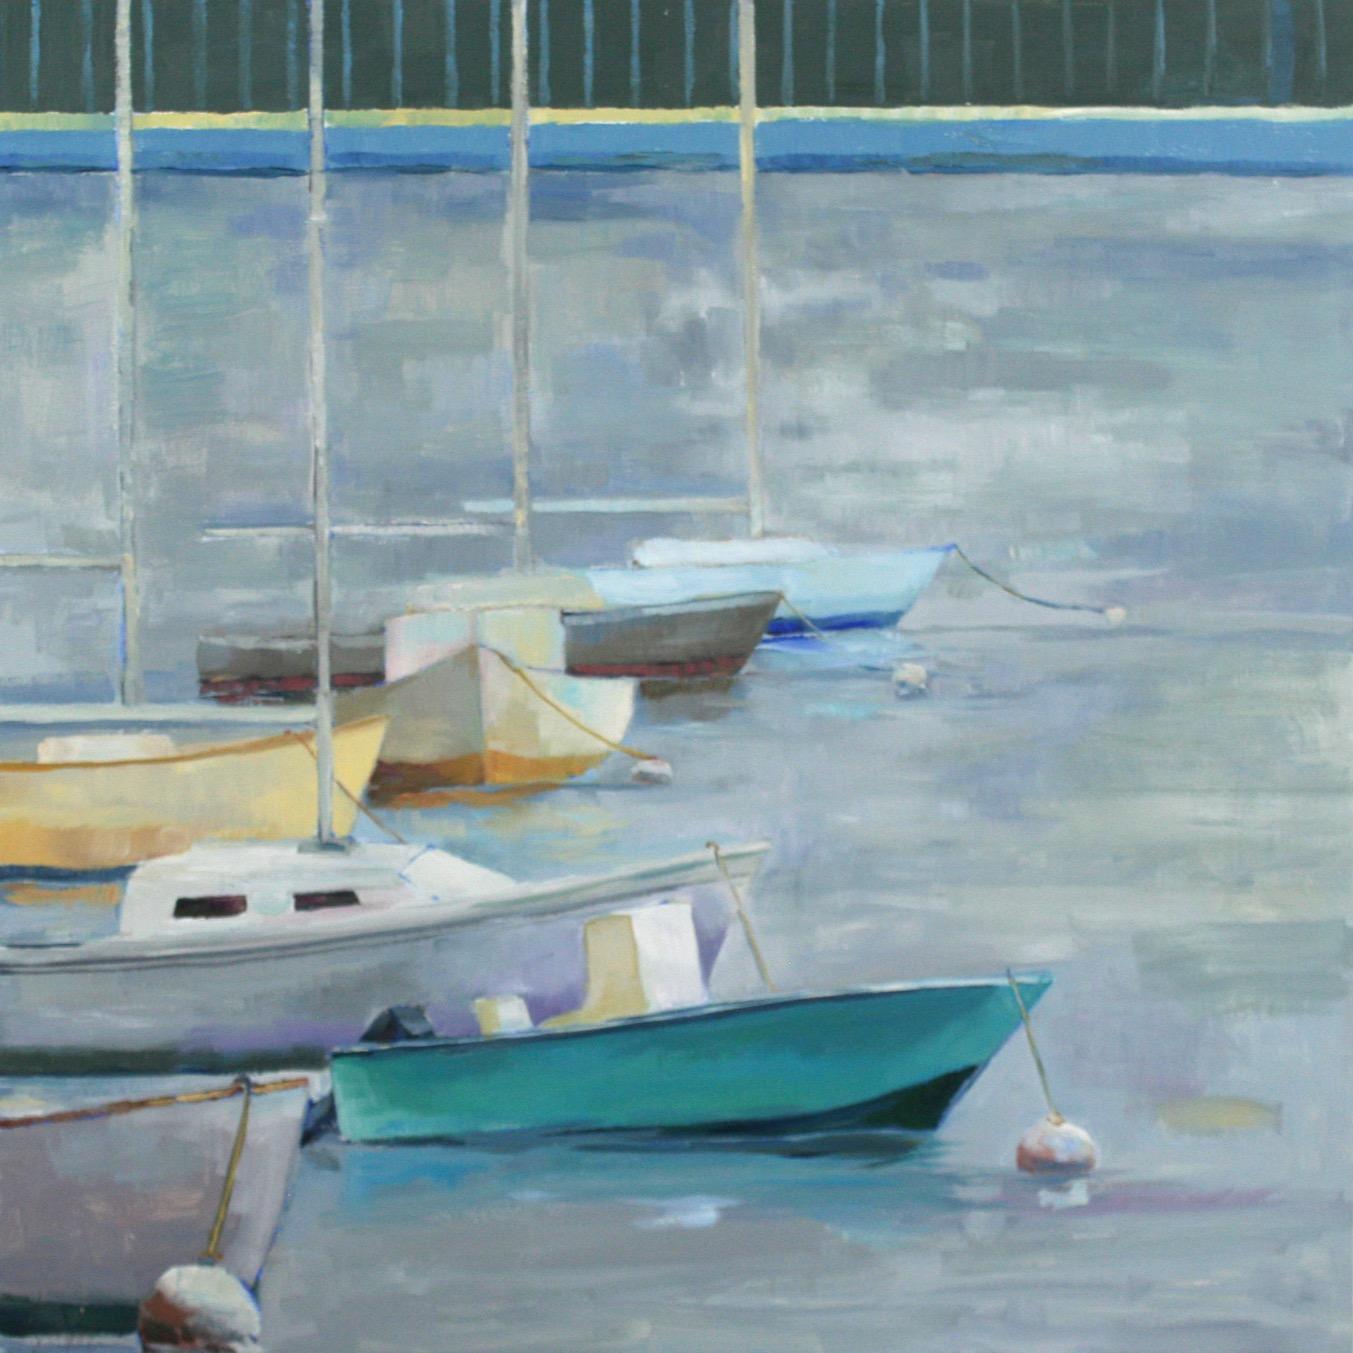 Boston Harbor November